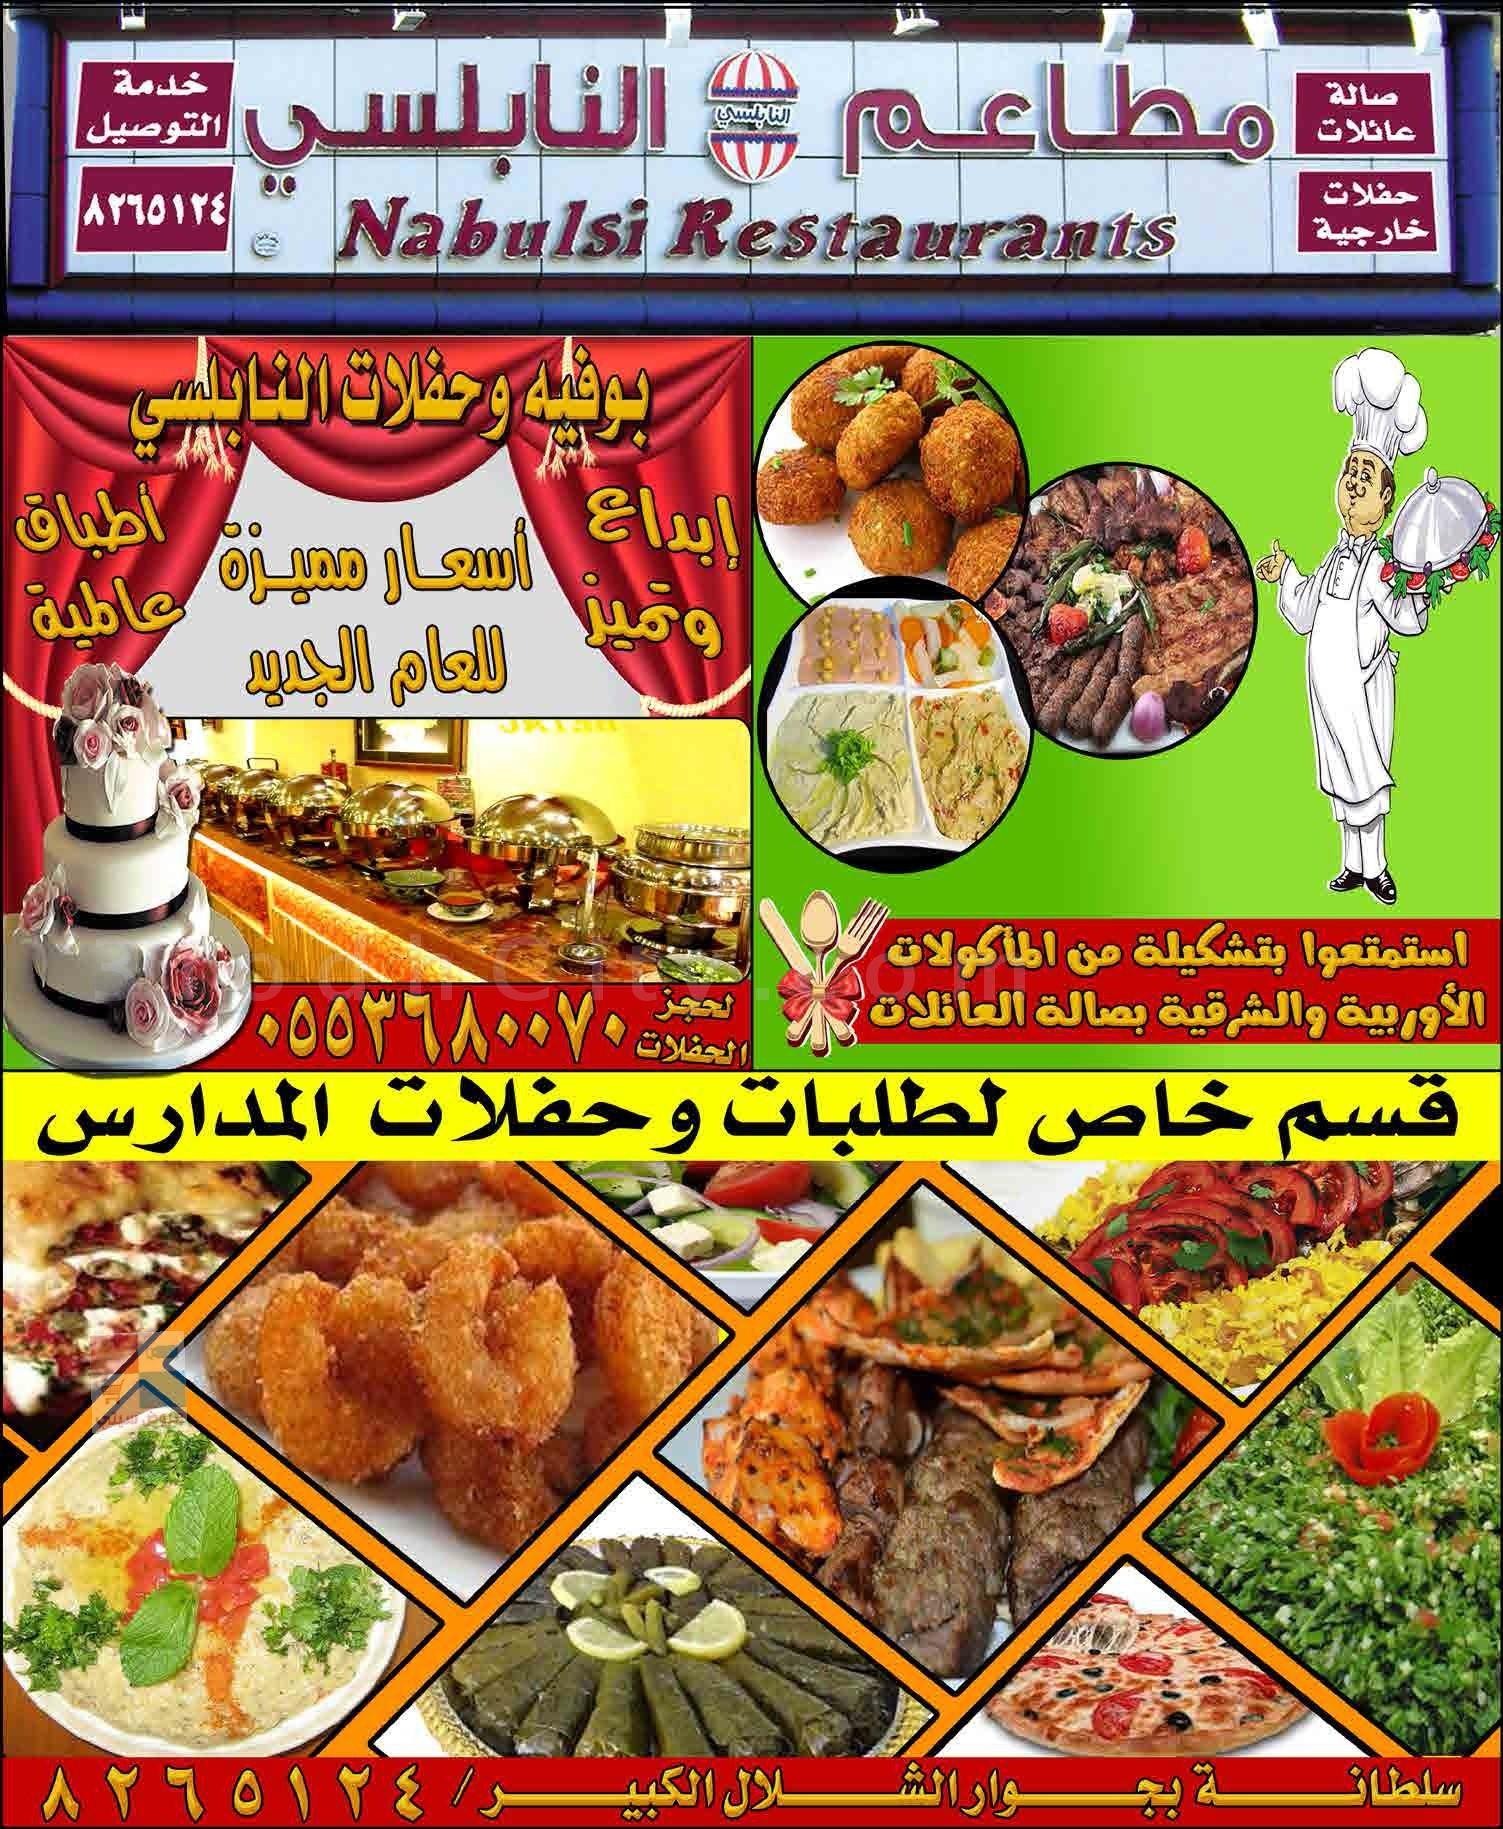 مطاعم النابلسي في المدينة المنورة lj4sbv.jpg